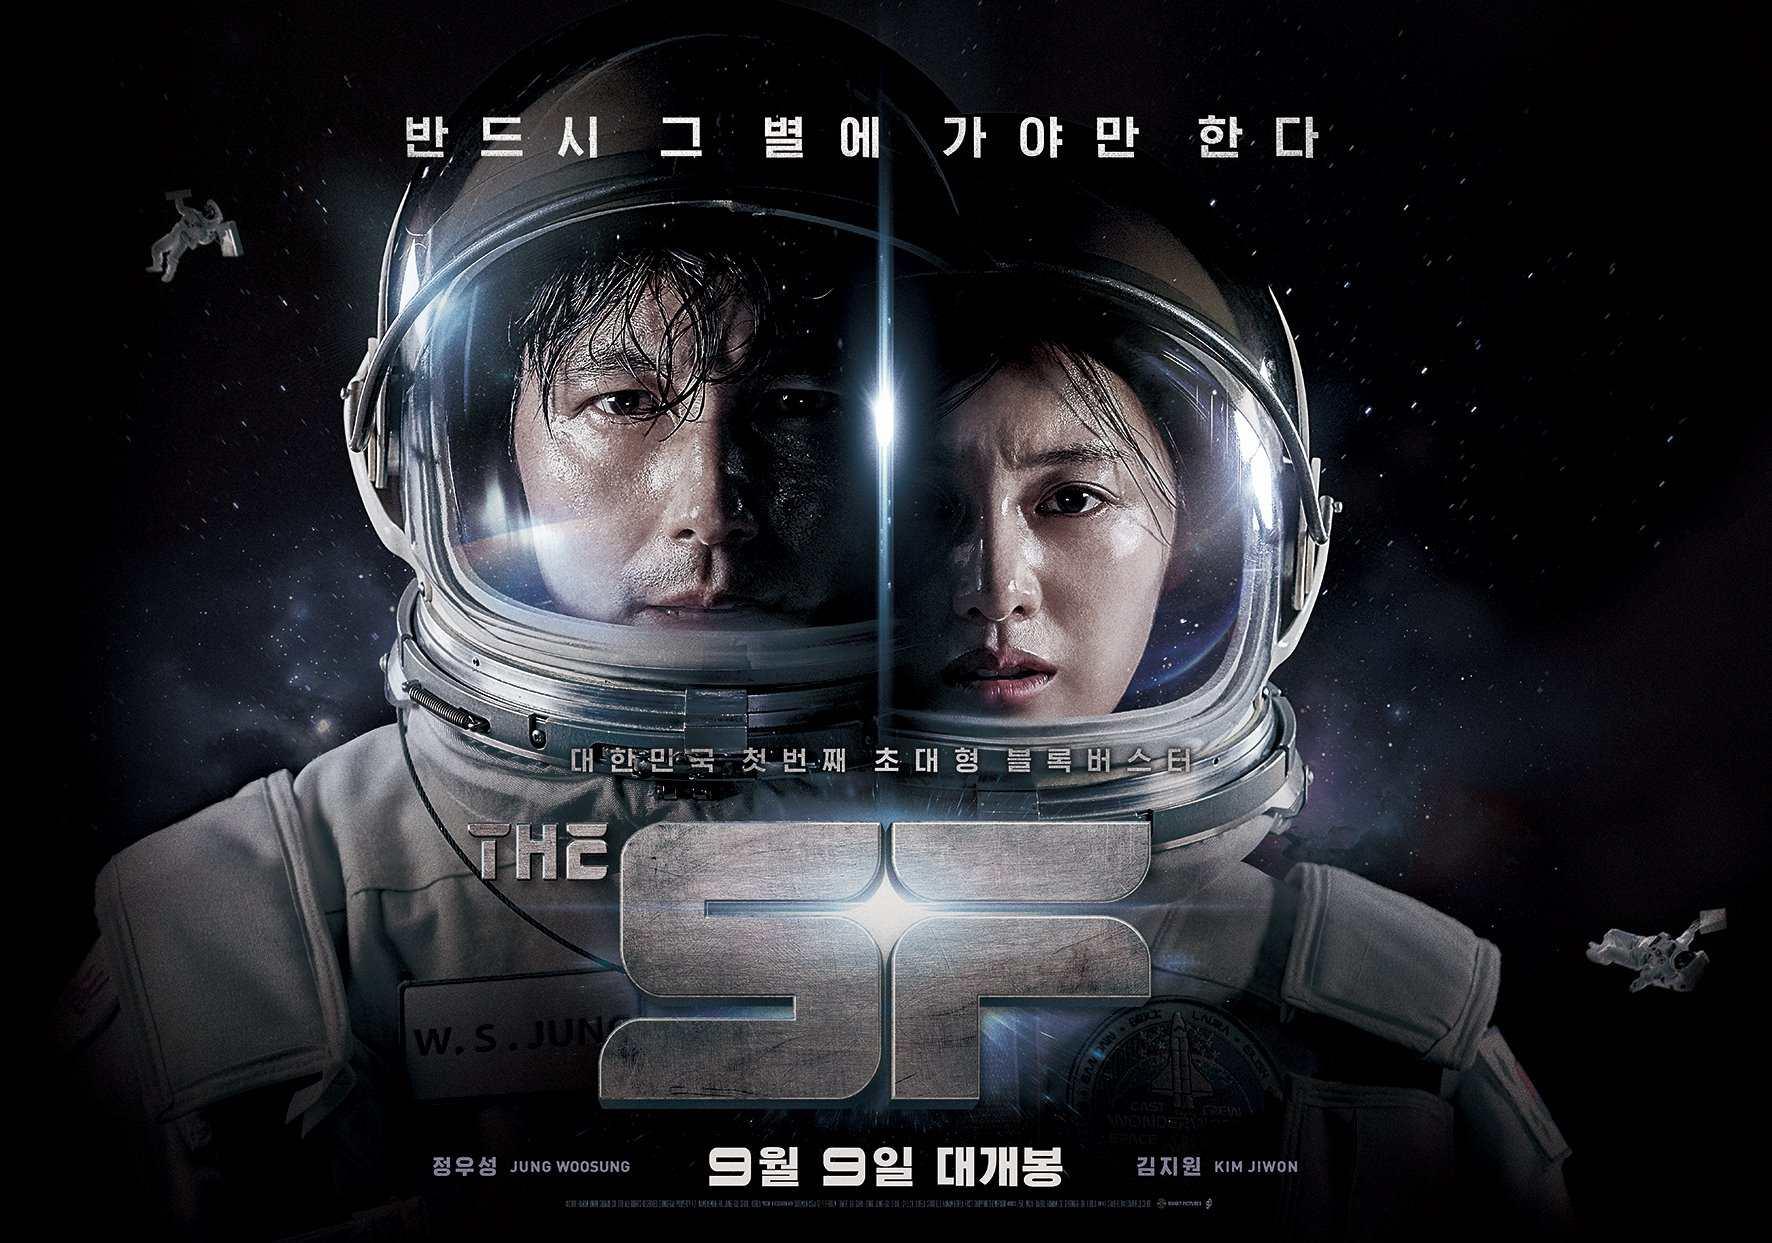 大家有發現什麼奇怪的地方嗎?從海報和預告片上可以看到上映日期是9月9日,但韓國網友發現上面都沒有出現導演的名字,而且男女主角出演的電影資訊中,也沒有這一部?!